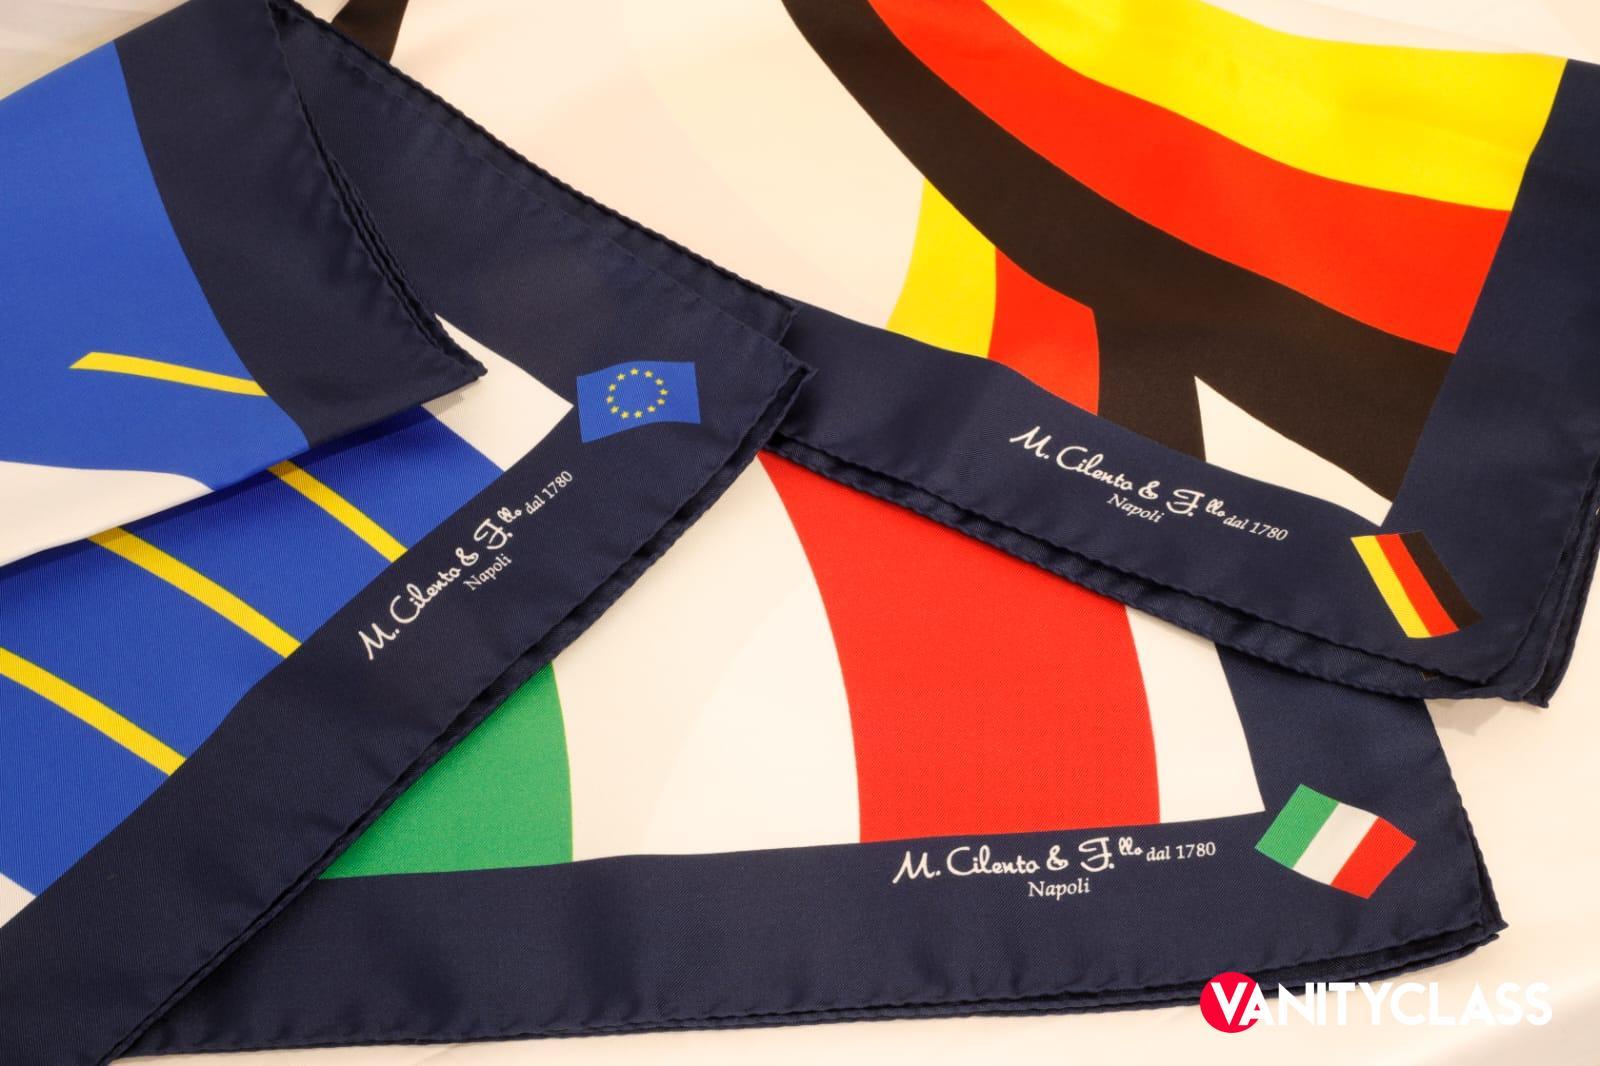 Maison Cilento, cravatte e foulard protagonisti al G20 di Matera